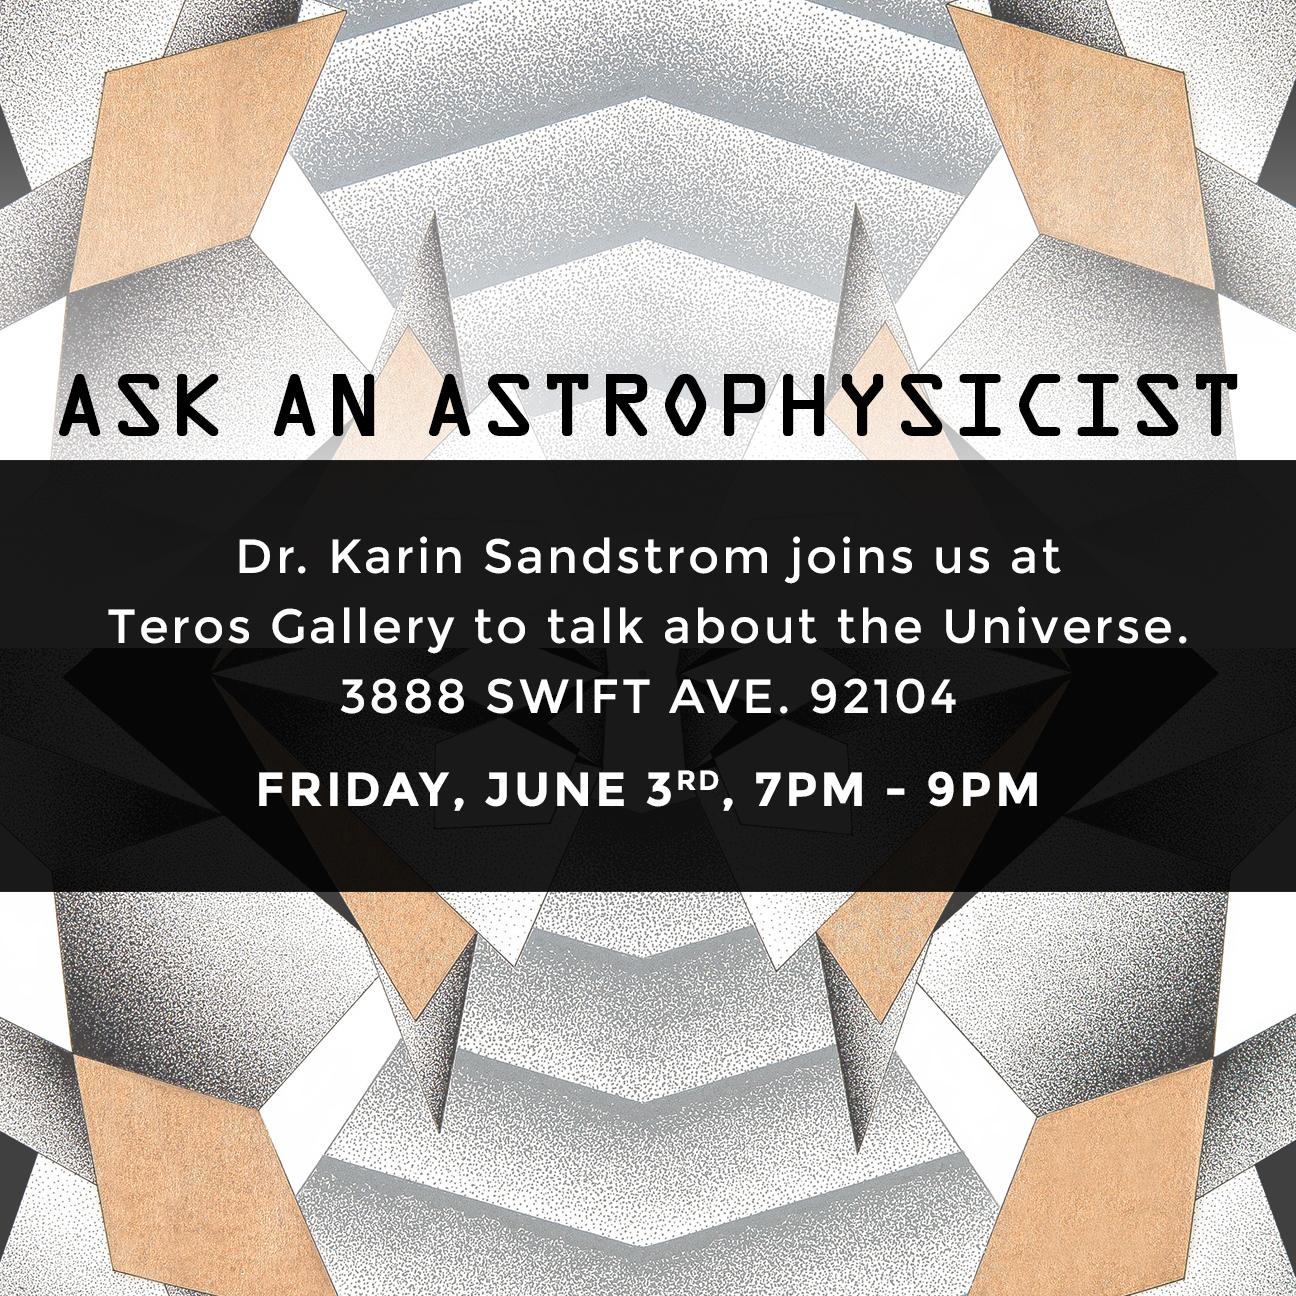 Astrophysicist_Melissa_Walter.jpg